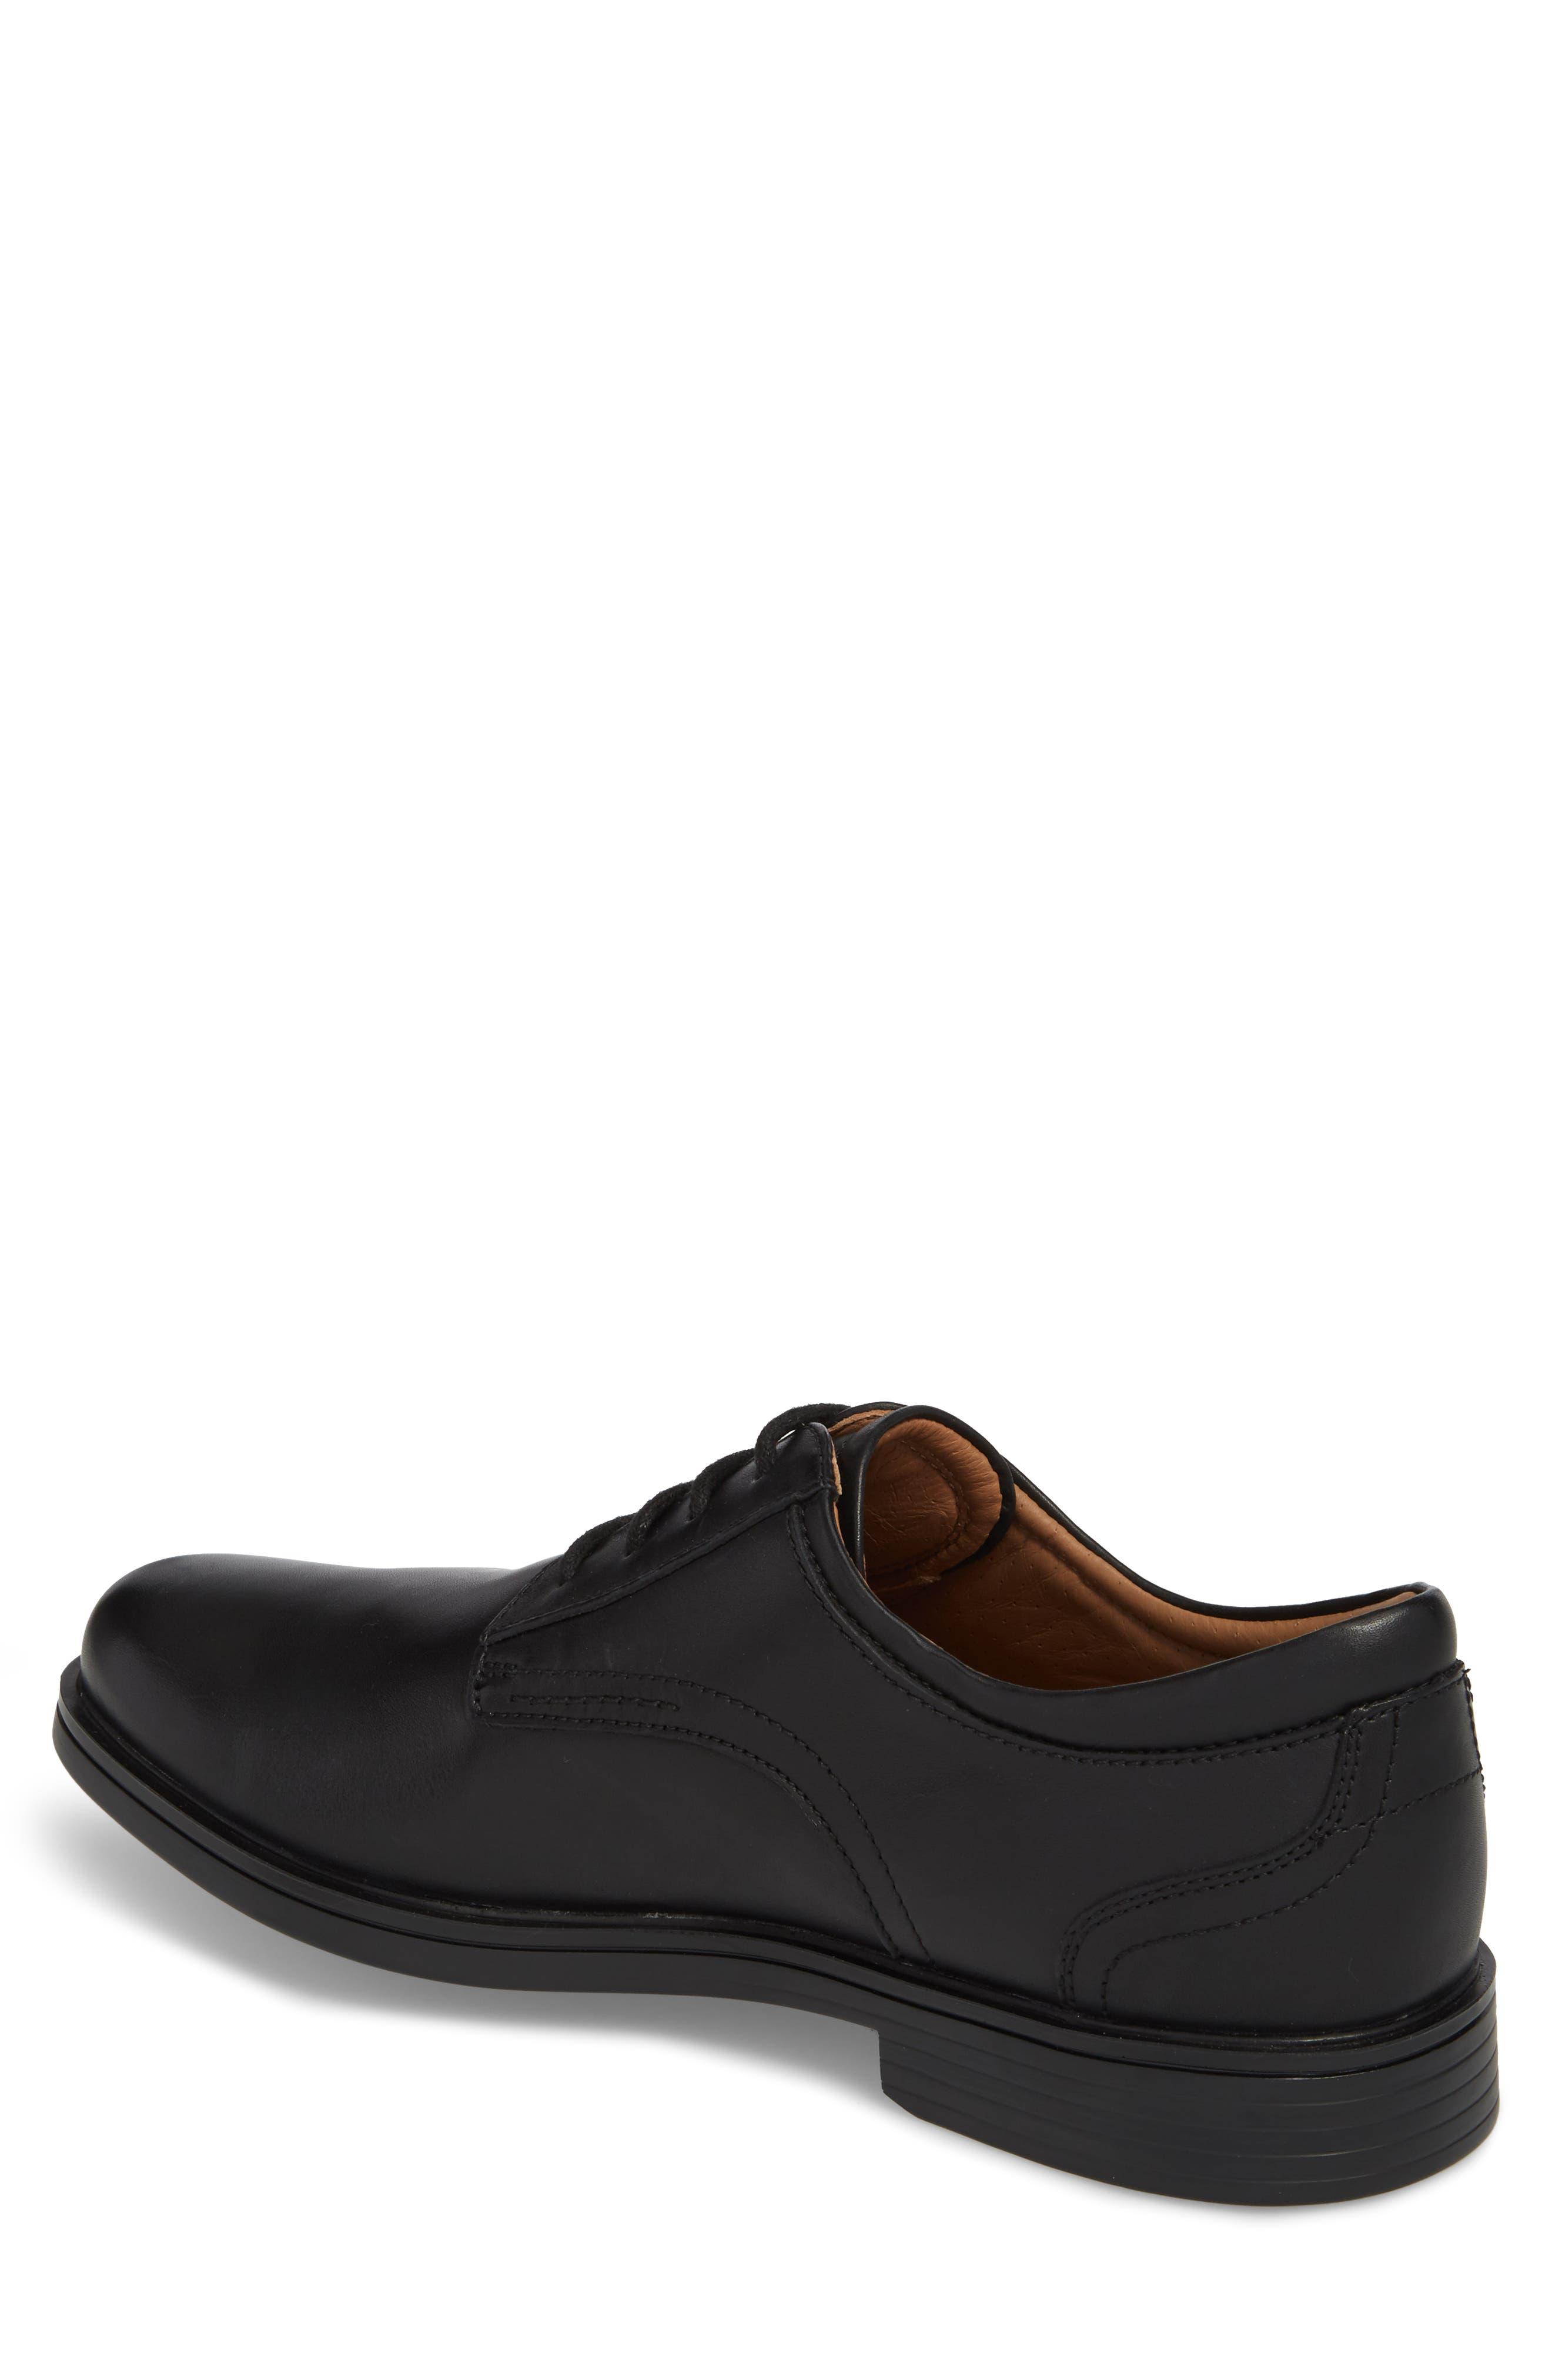 Unaldric Plain Toe Derby,                             Alternate thumbnail 2, color,                             BLACK LEATHER